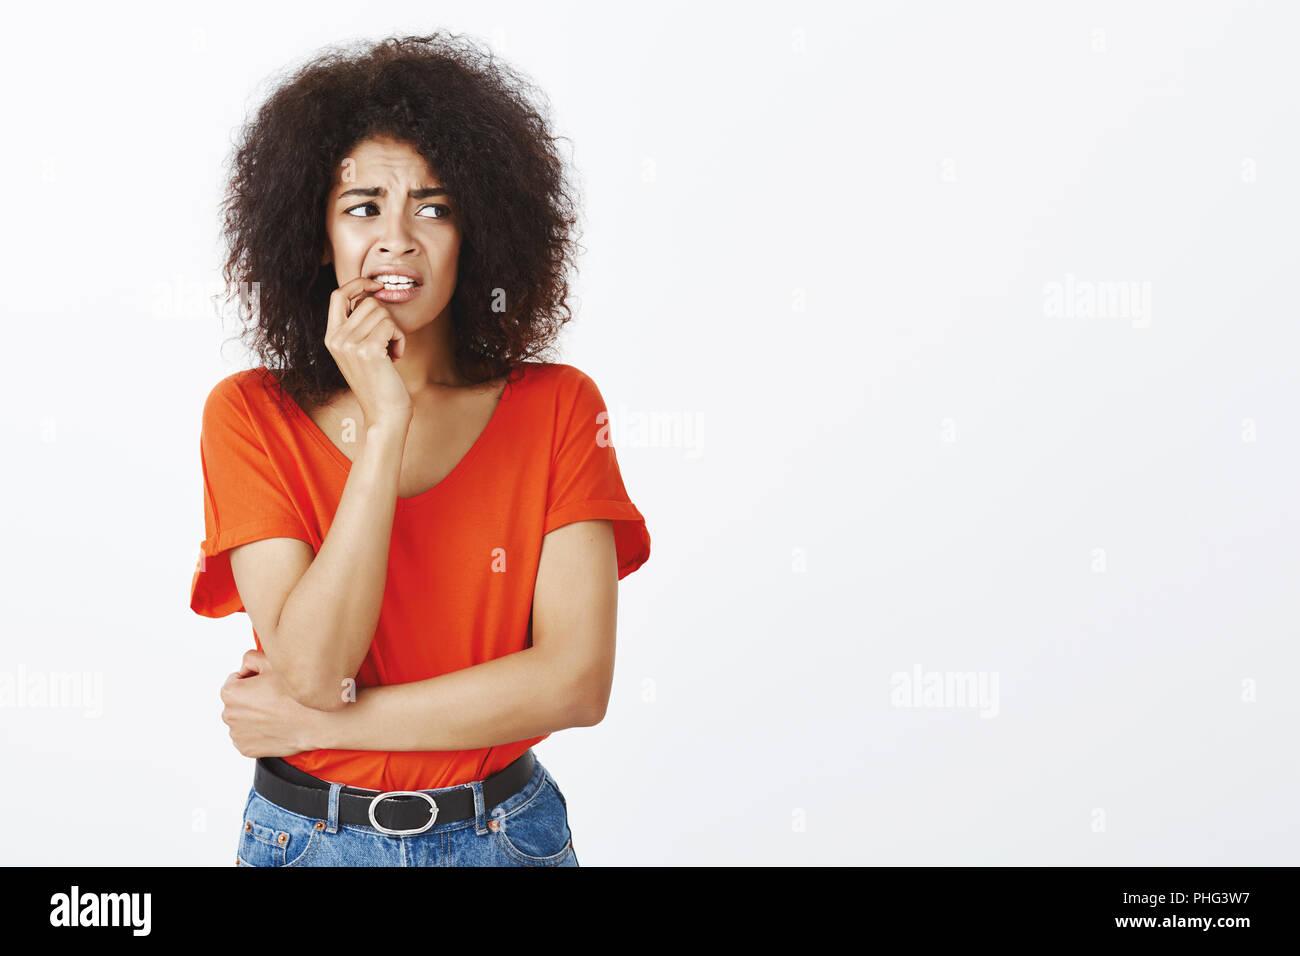 6fd72f577 Chica mordiendo las uñas de nerviosismo. Retrato de ansiosos inseguro  atractivo femenino con peinado afro